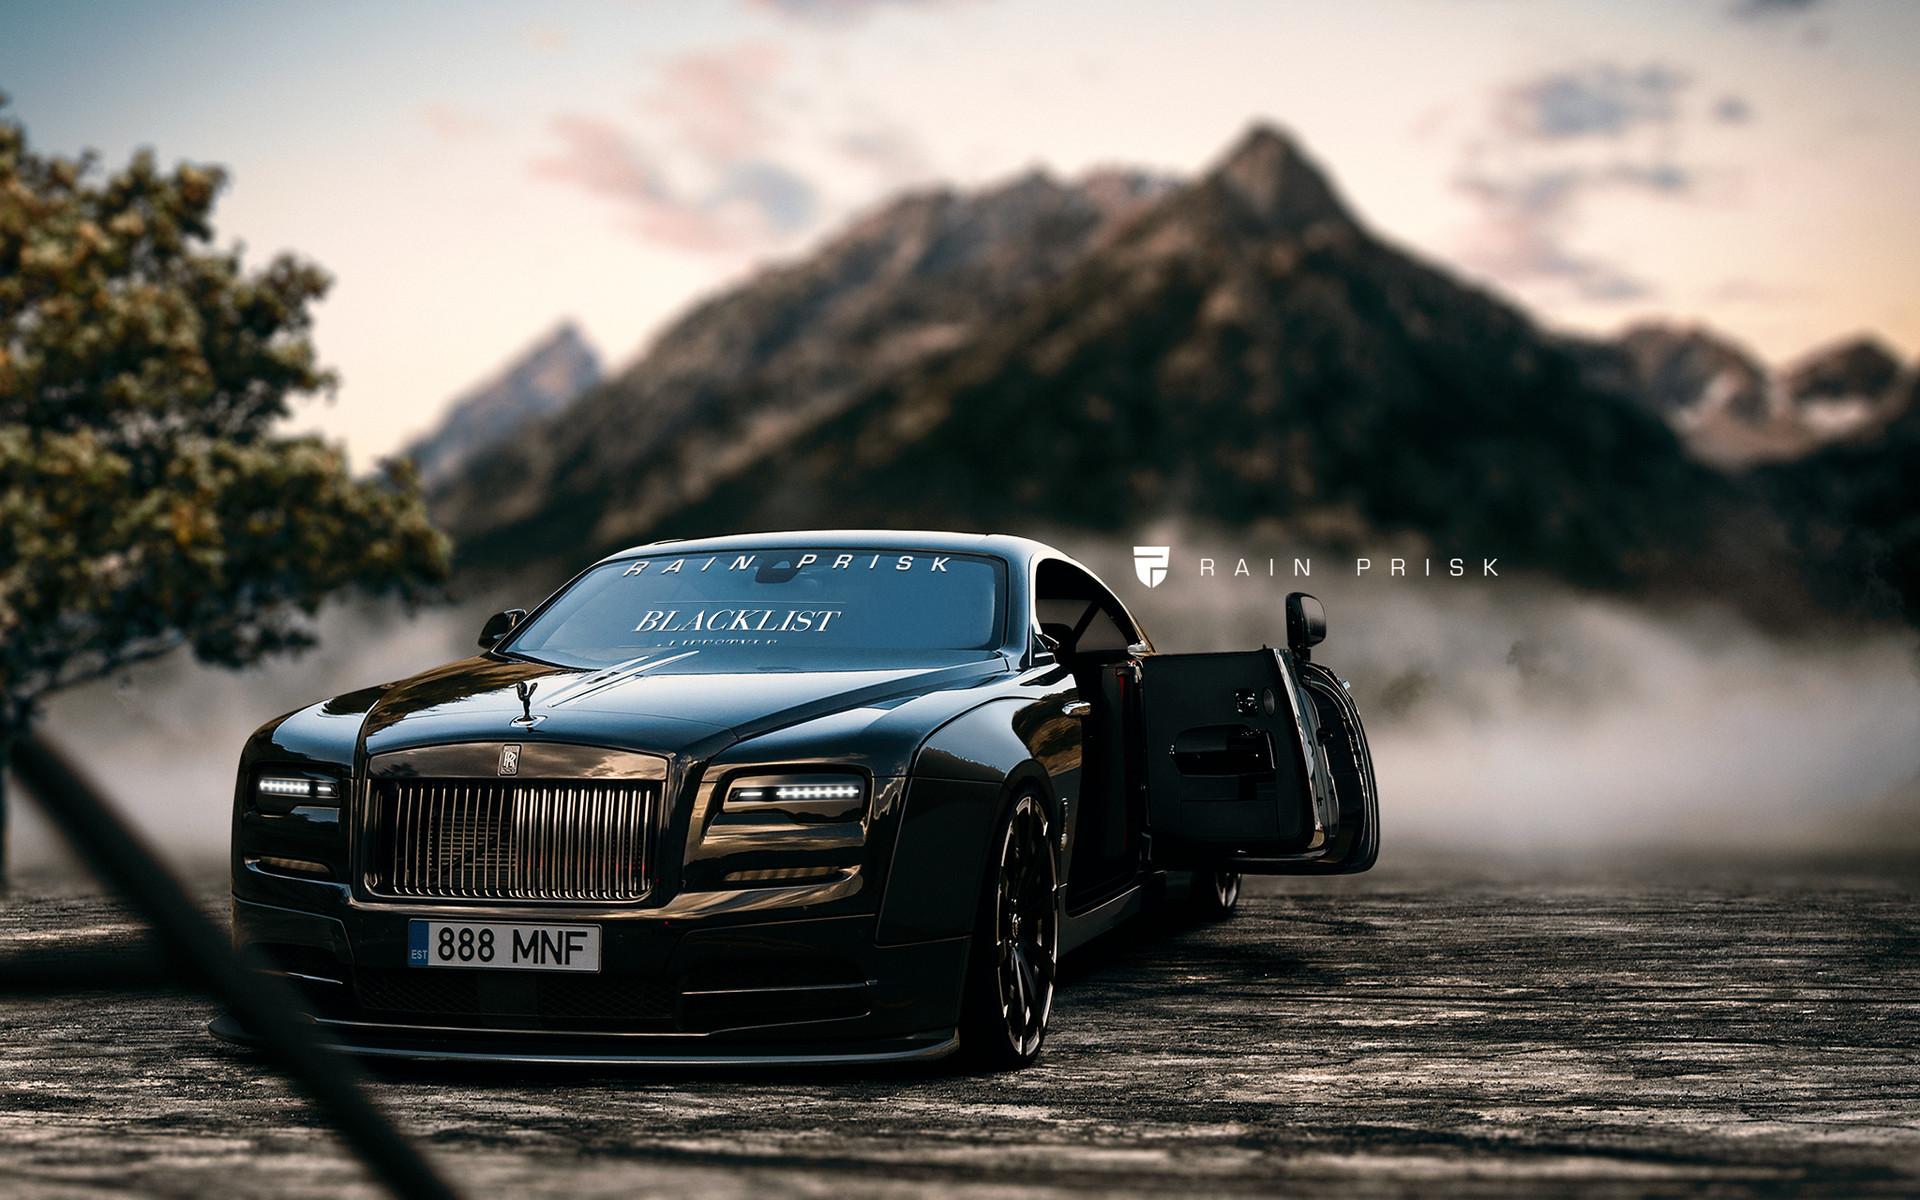 Ngắm Rolls-Royce phiên bản thể thao vừa được hé lộ - 1